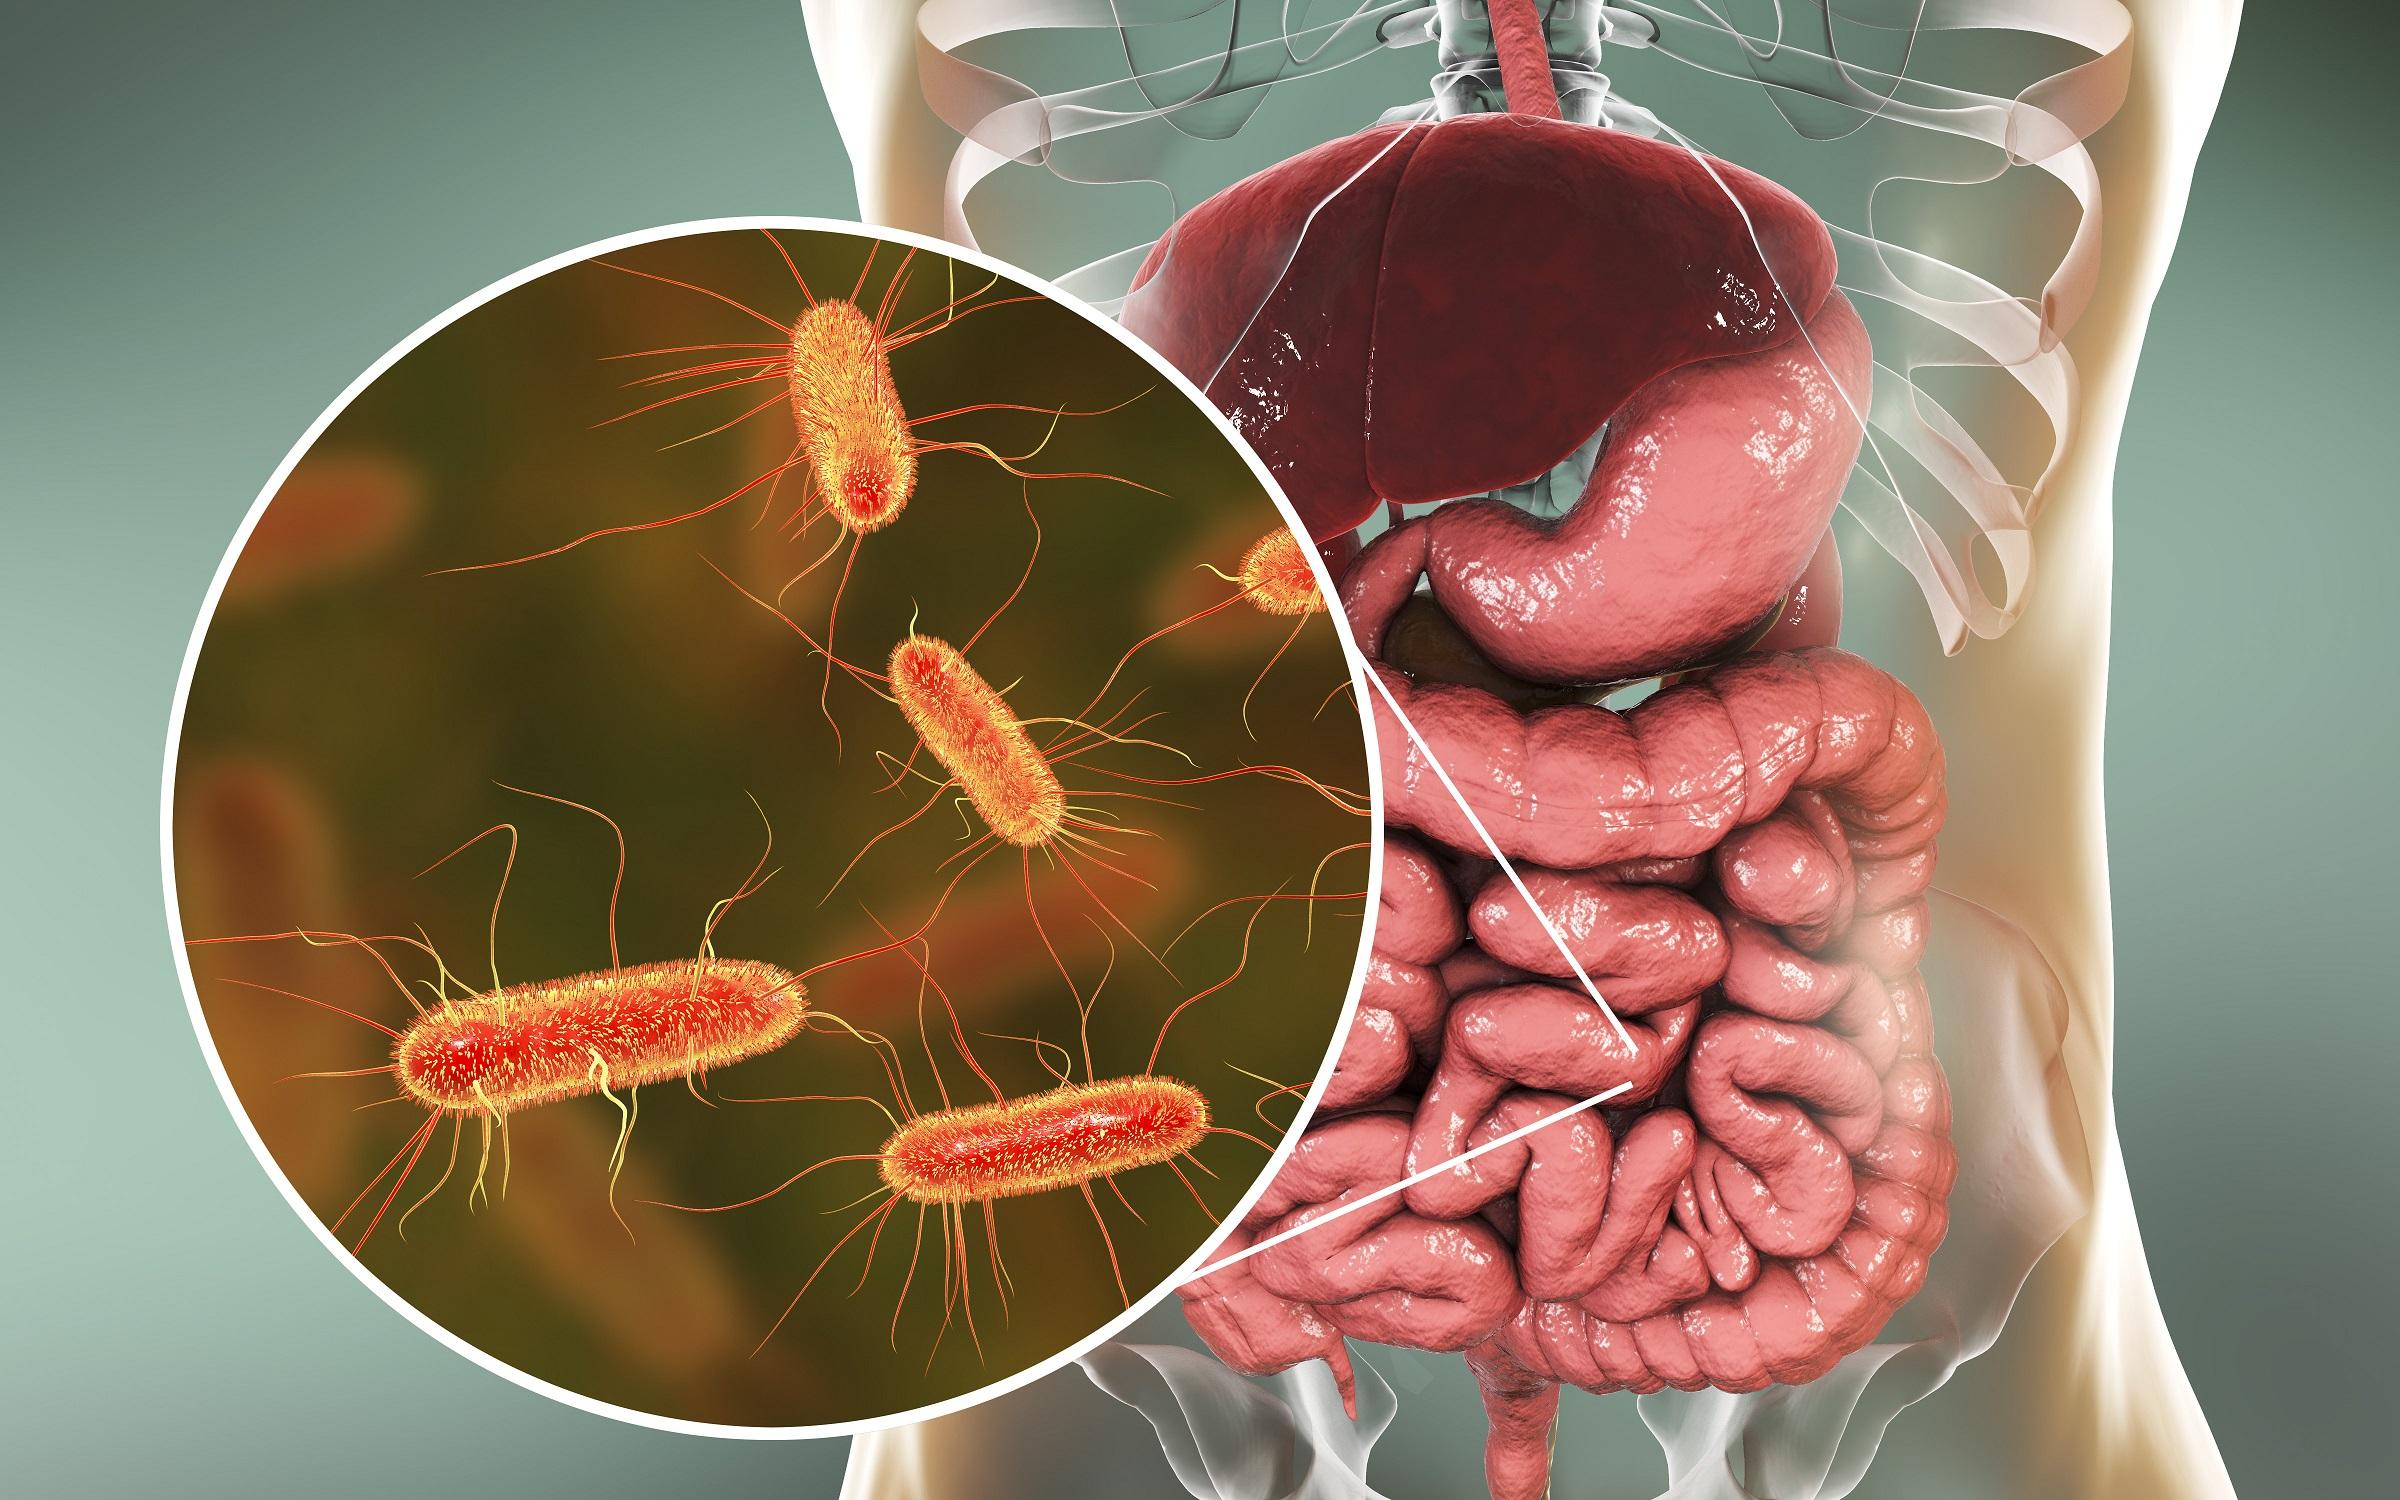 antibiotika-neuer-ansatz-soll-darmflora-bei-einnahme-sch-tzen